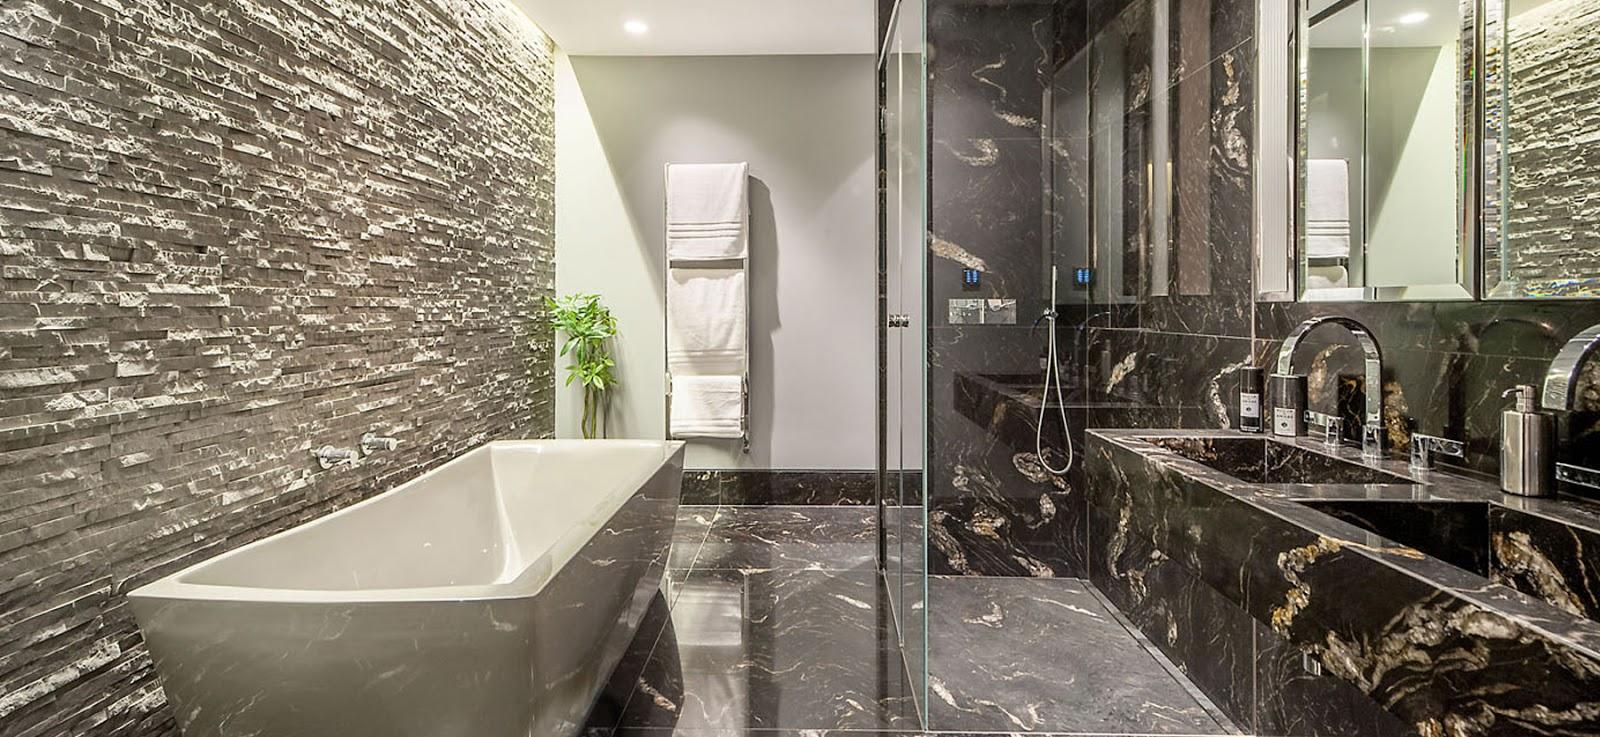 desain kamar mandi - kreasi rumah